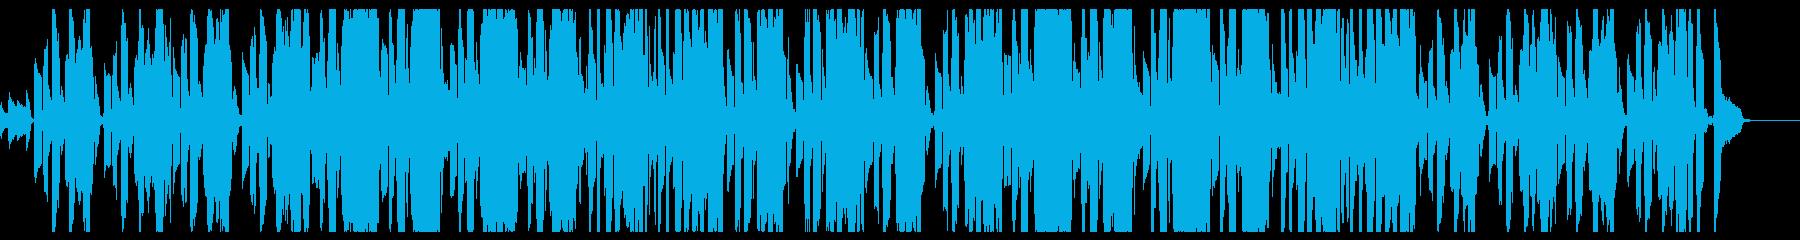 CM風のギターと口笛が軽快な曲の再生済みの波形